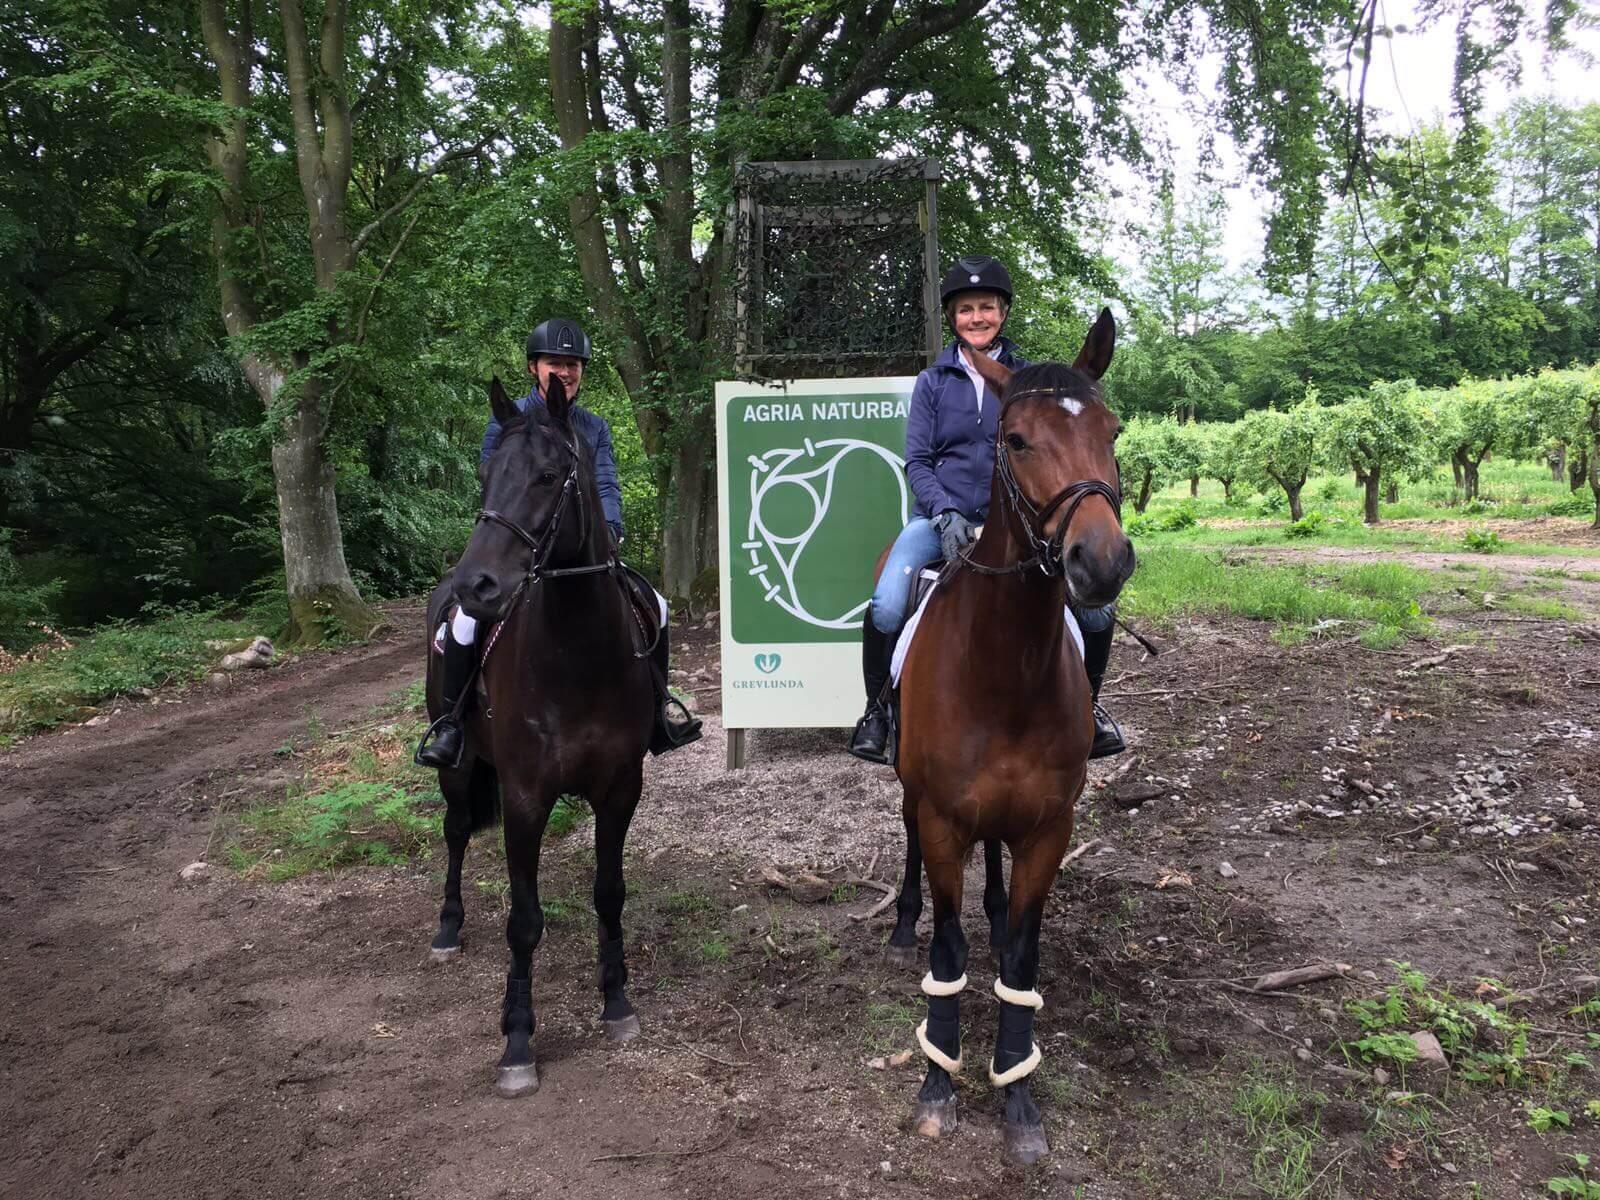 Två personer på två hästar i skogen